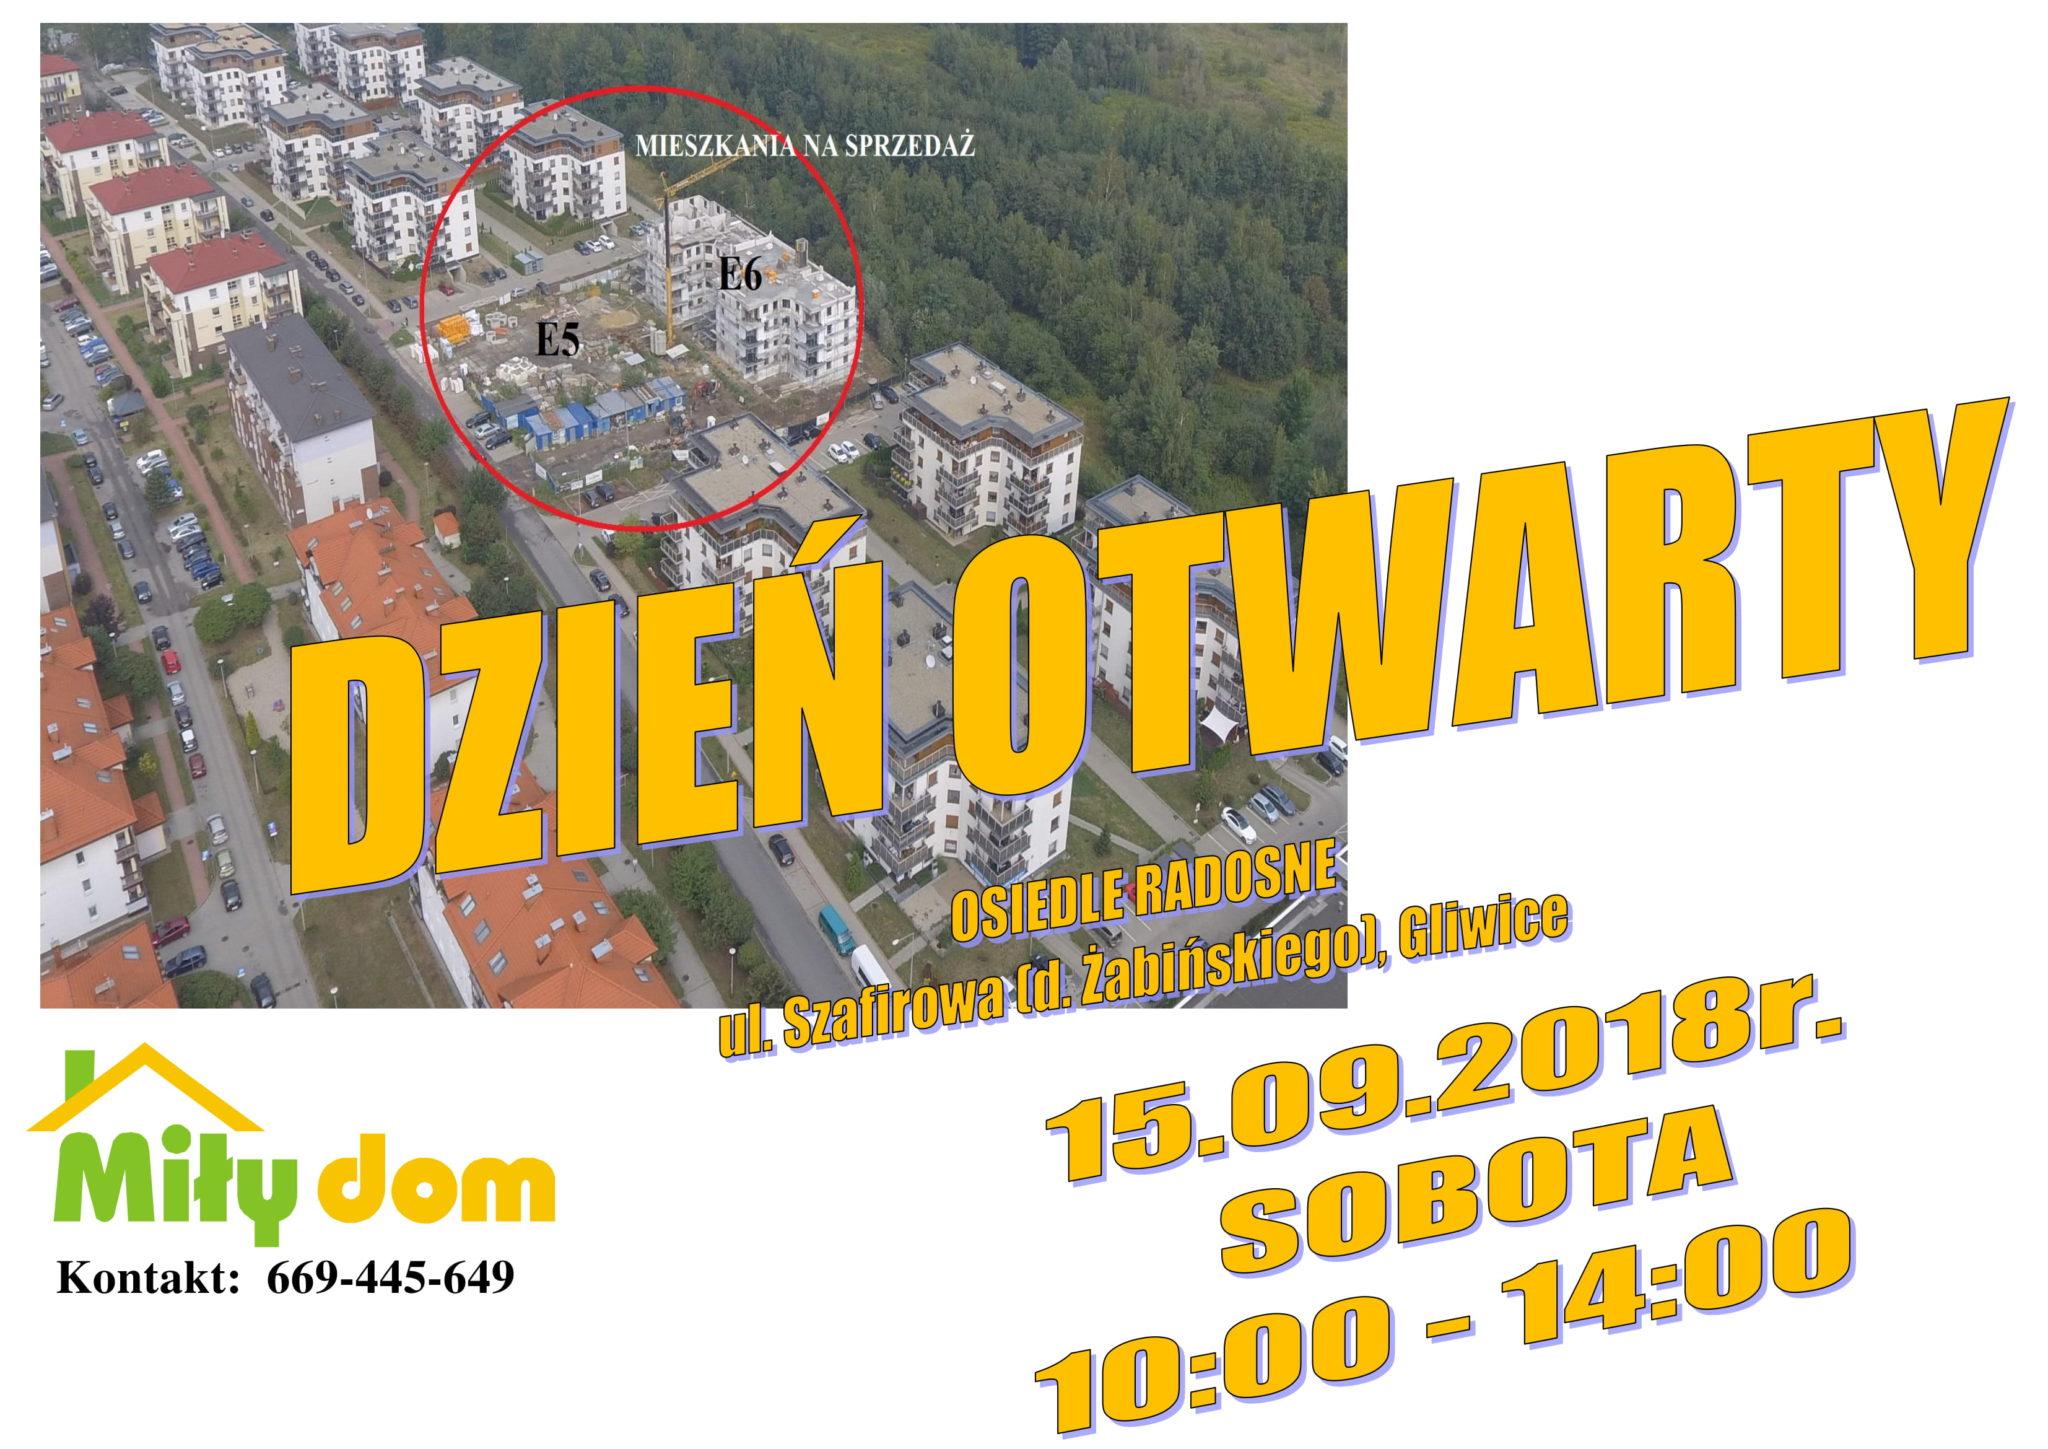 DZIEN OTWARTY 15.09 - radosne-1